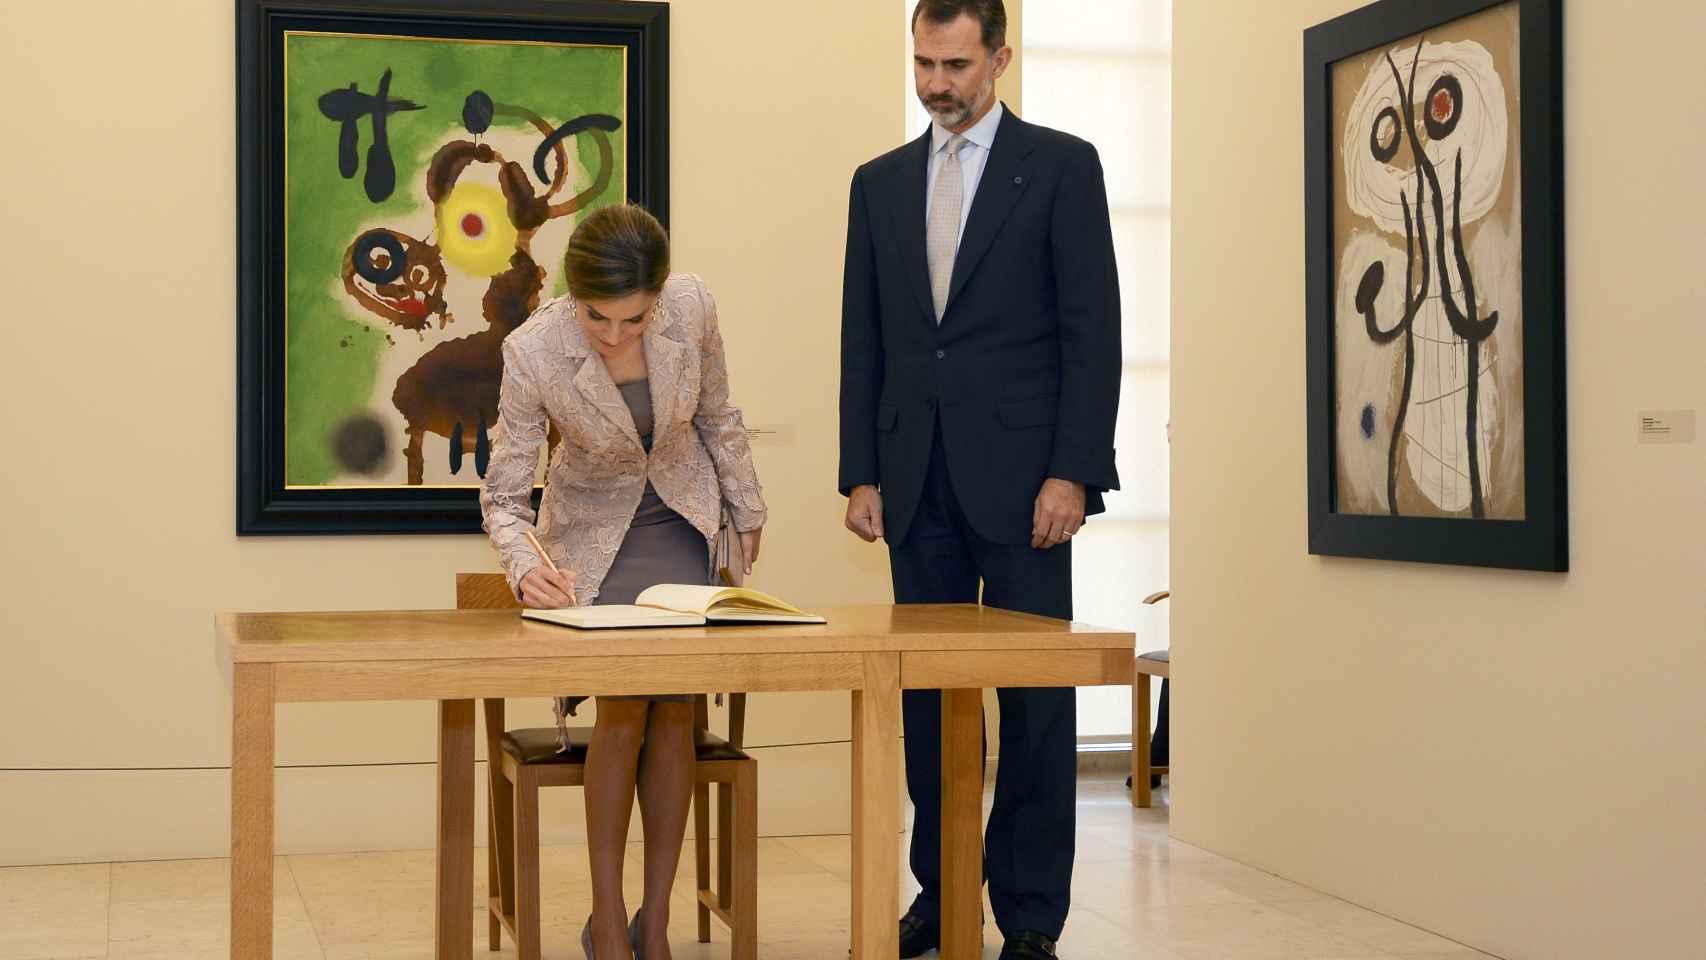 Casi simultáneamente, los reyes visitaban la exposición de Miró en Oporto.